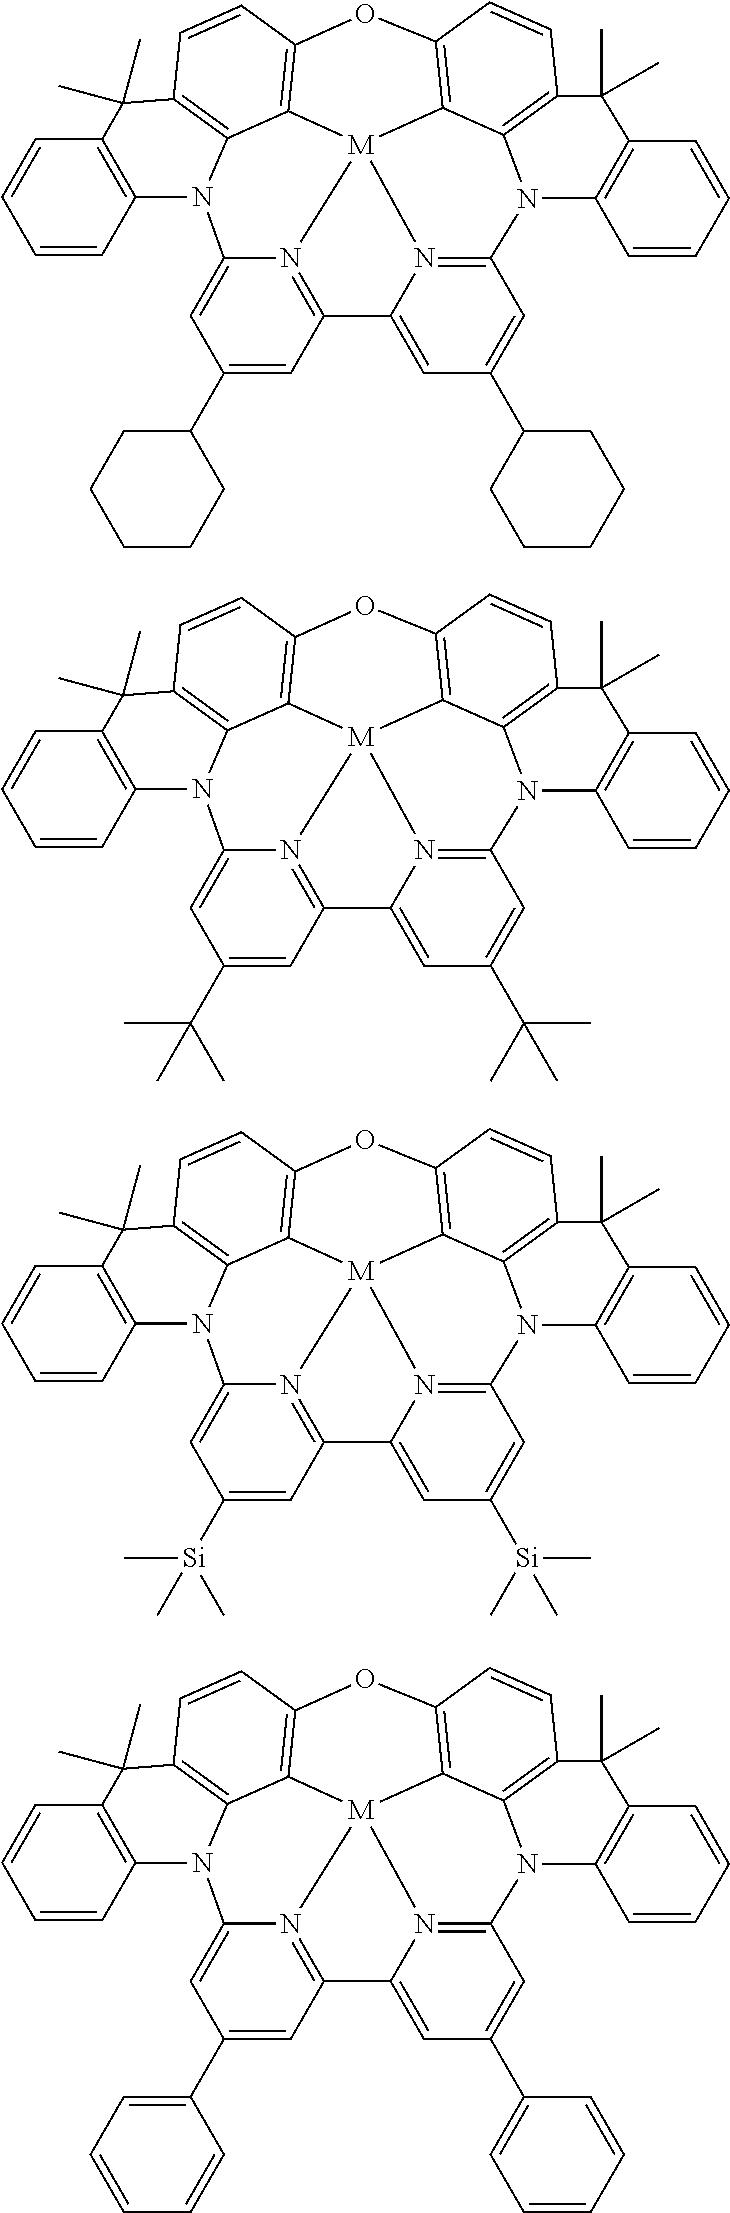 Figure US10158091-20181218-C00194